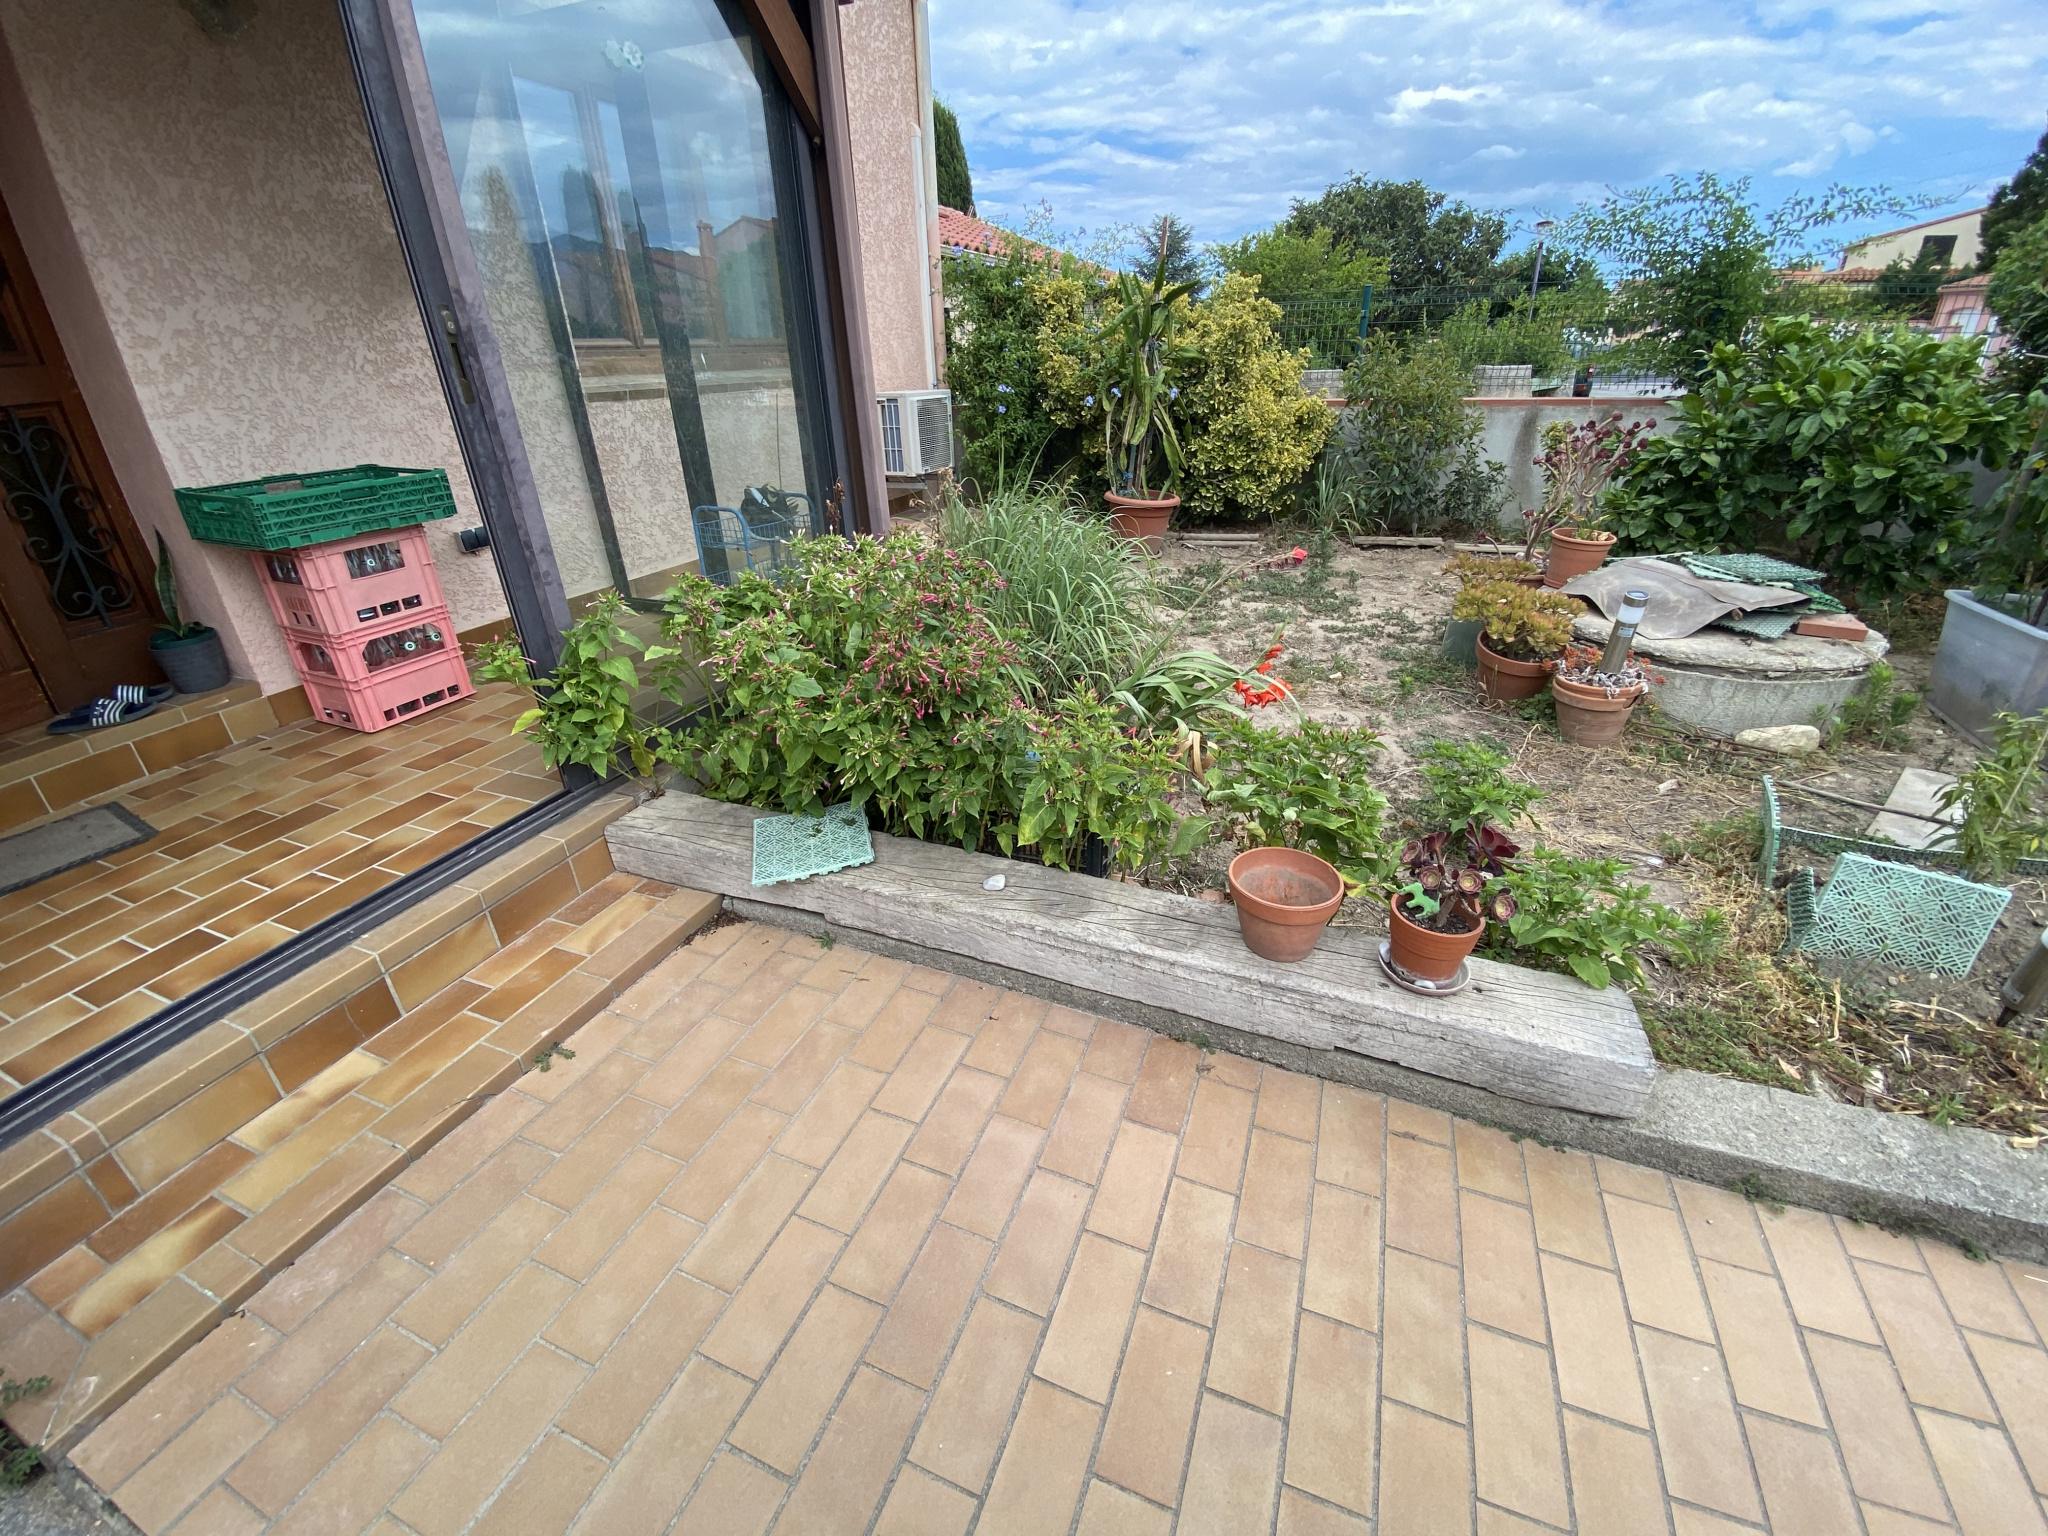 À vendre maison/villa de 90m2 à st genis des fontaines (66740) - Photo 19'